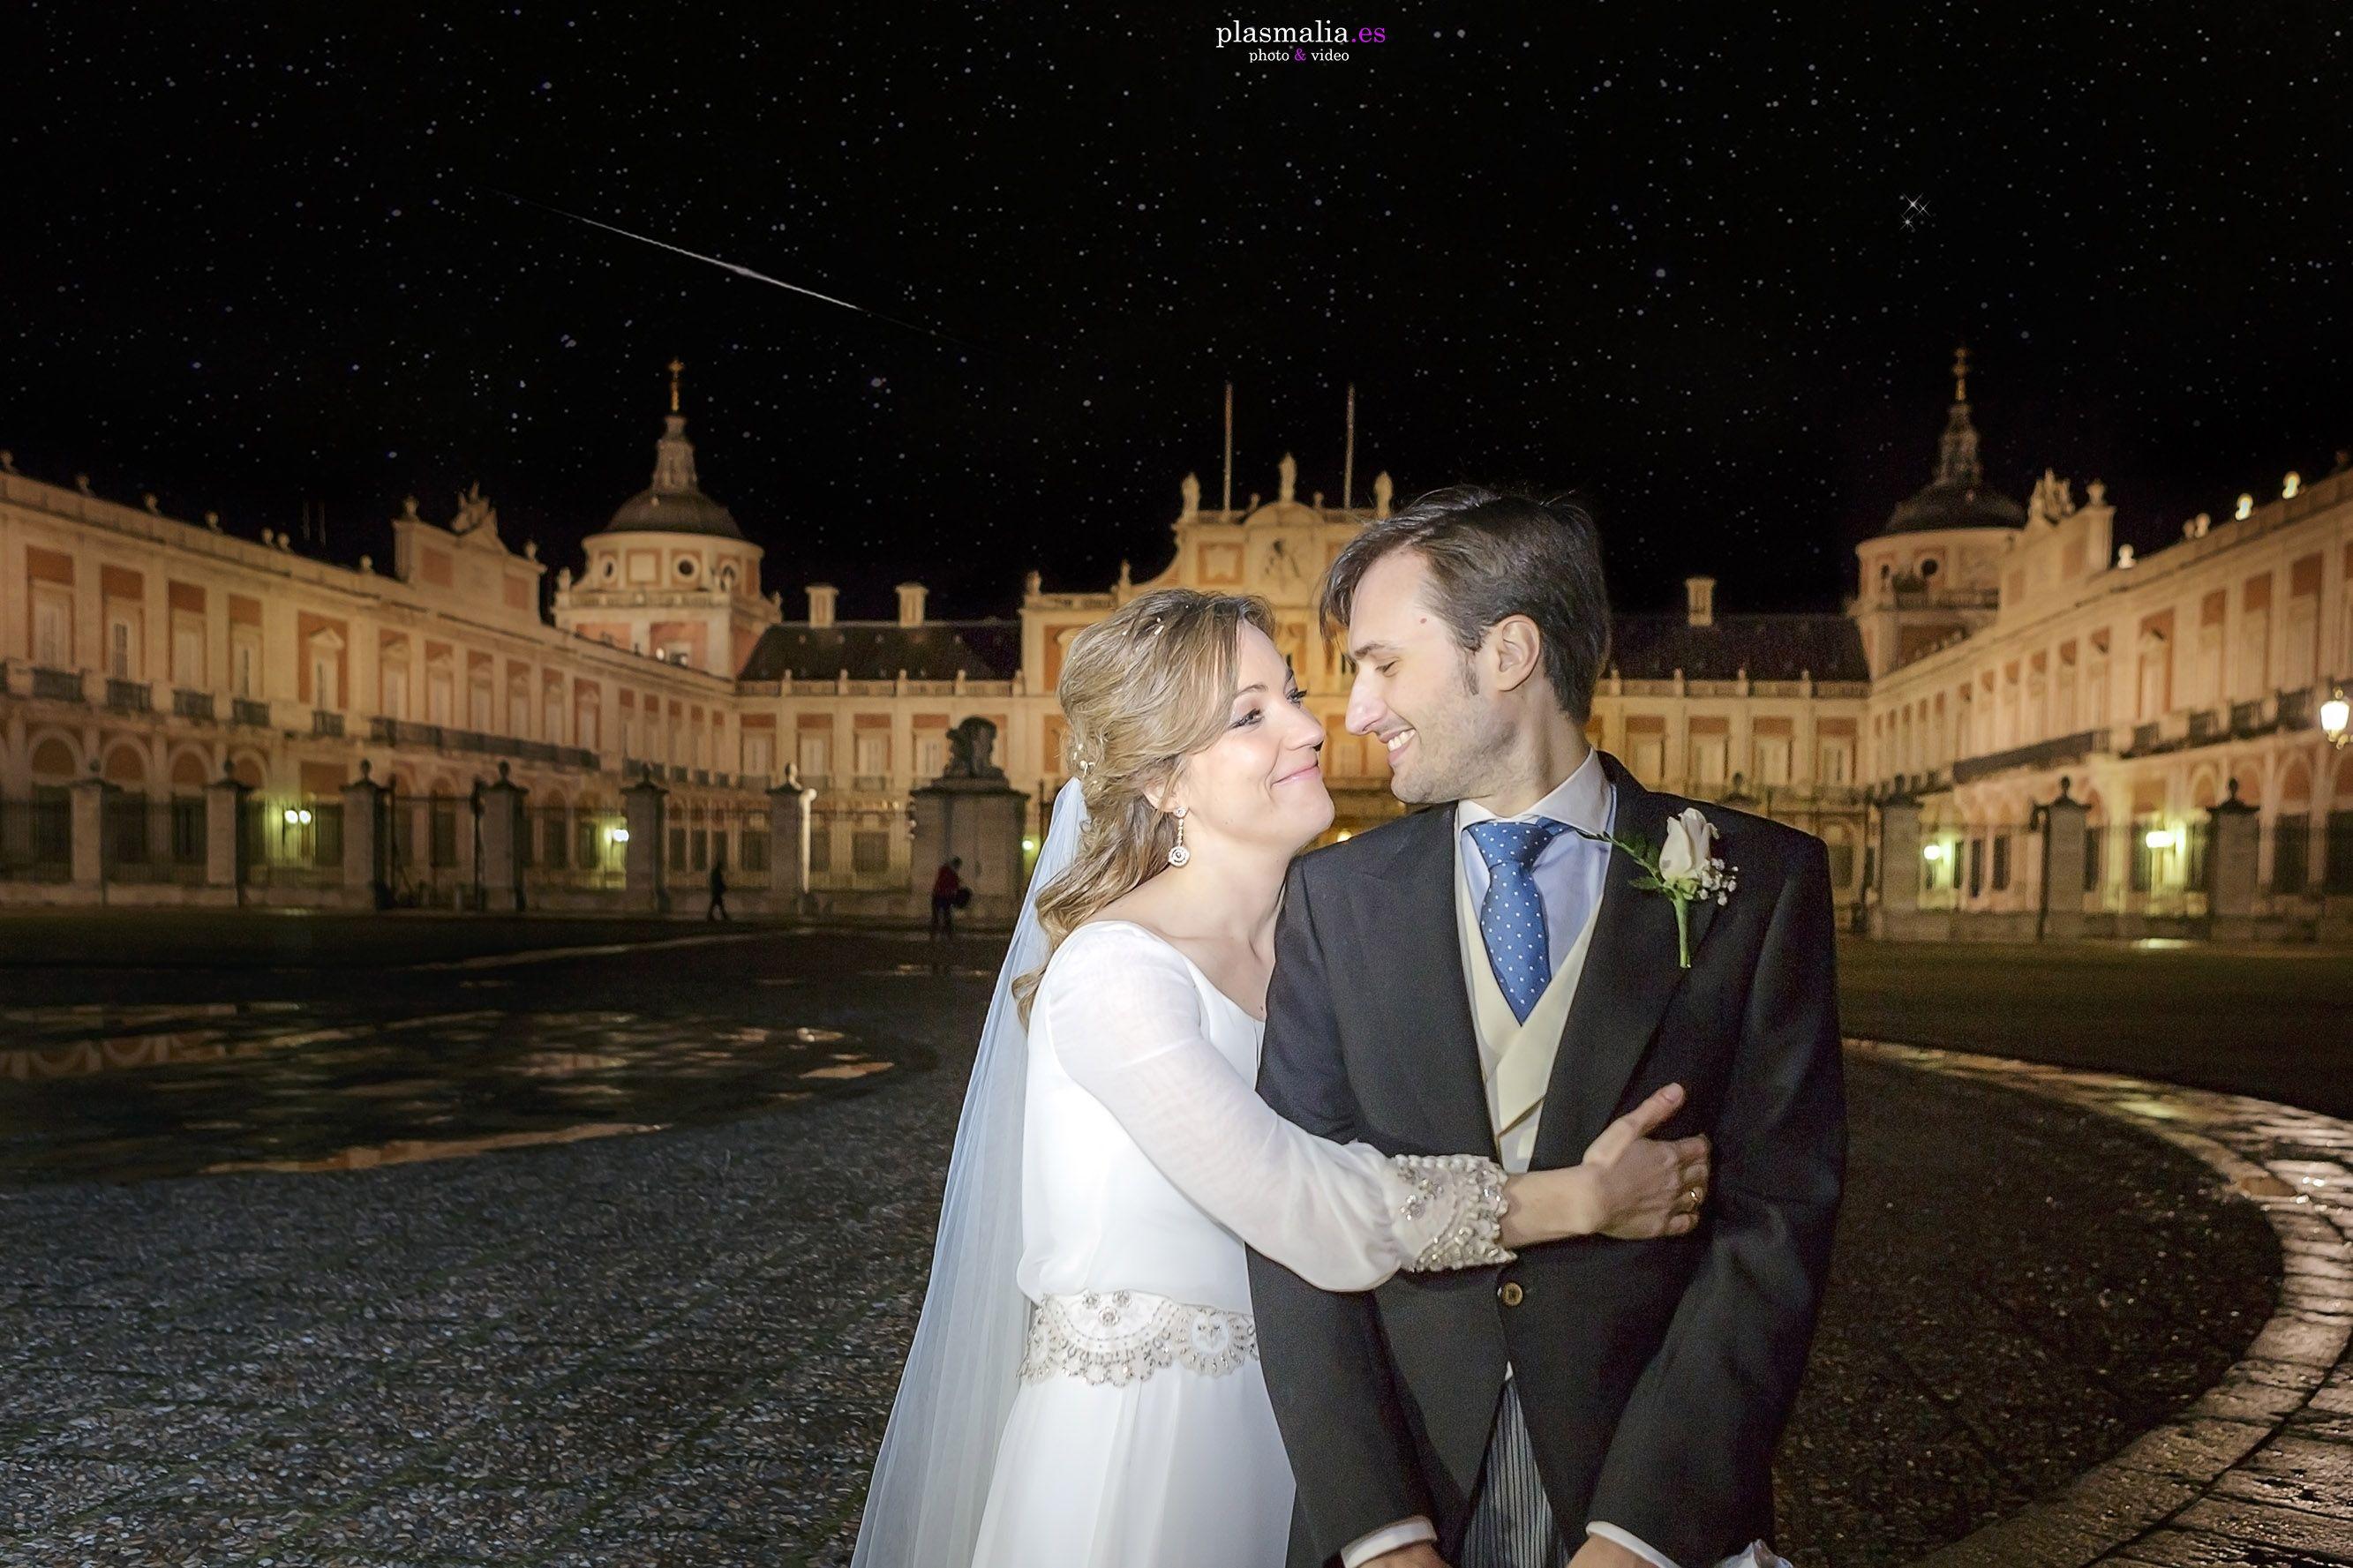 Fotografía de boda en la puerta del Palacio Real De Aranjuez